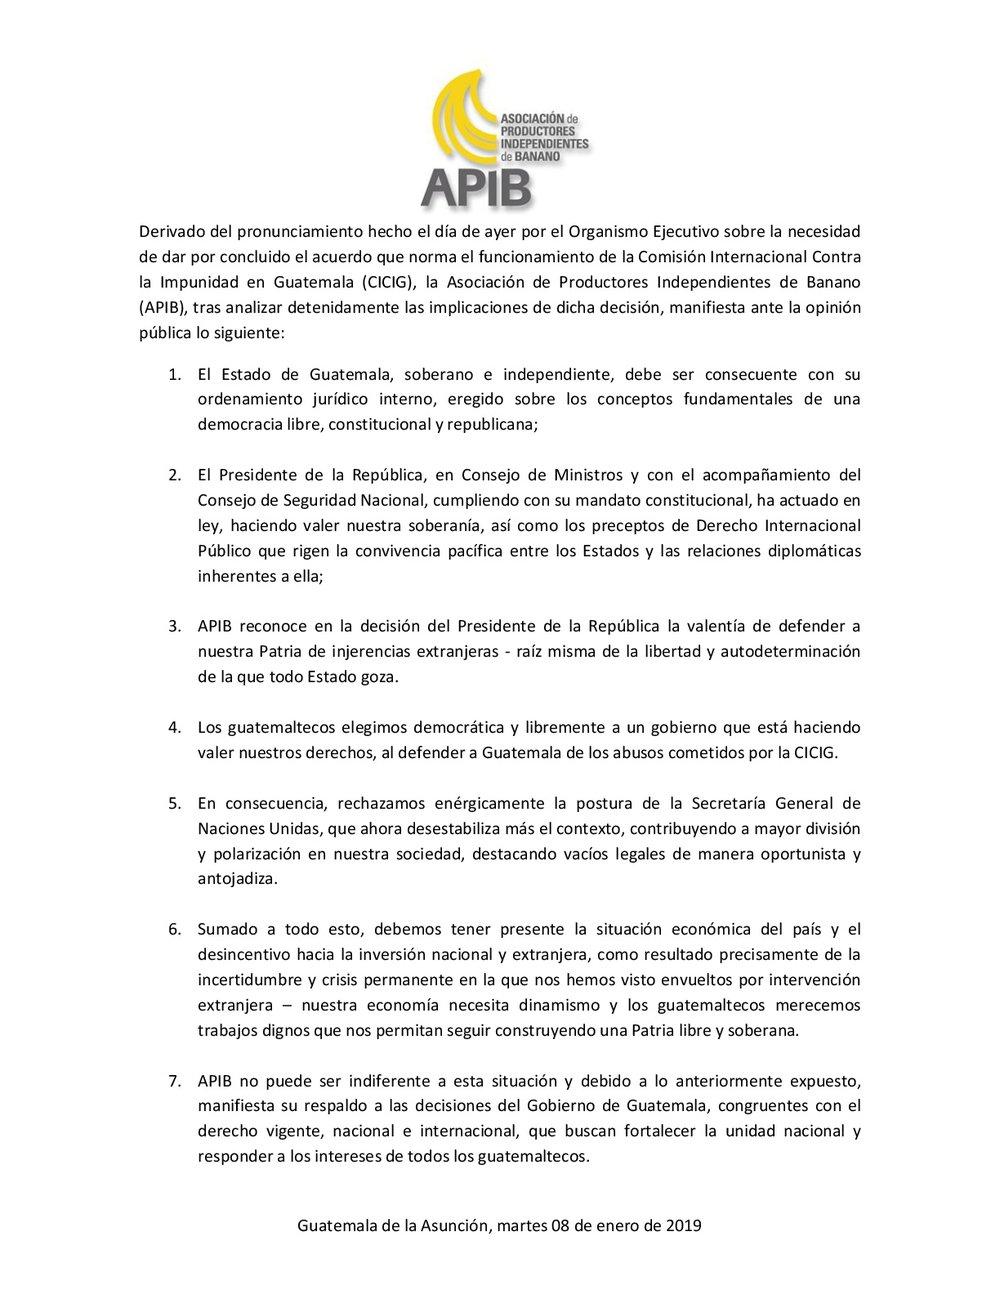 APIB.jpg